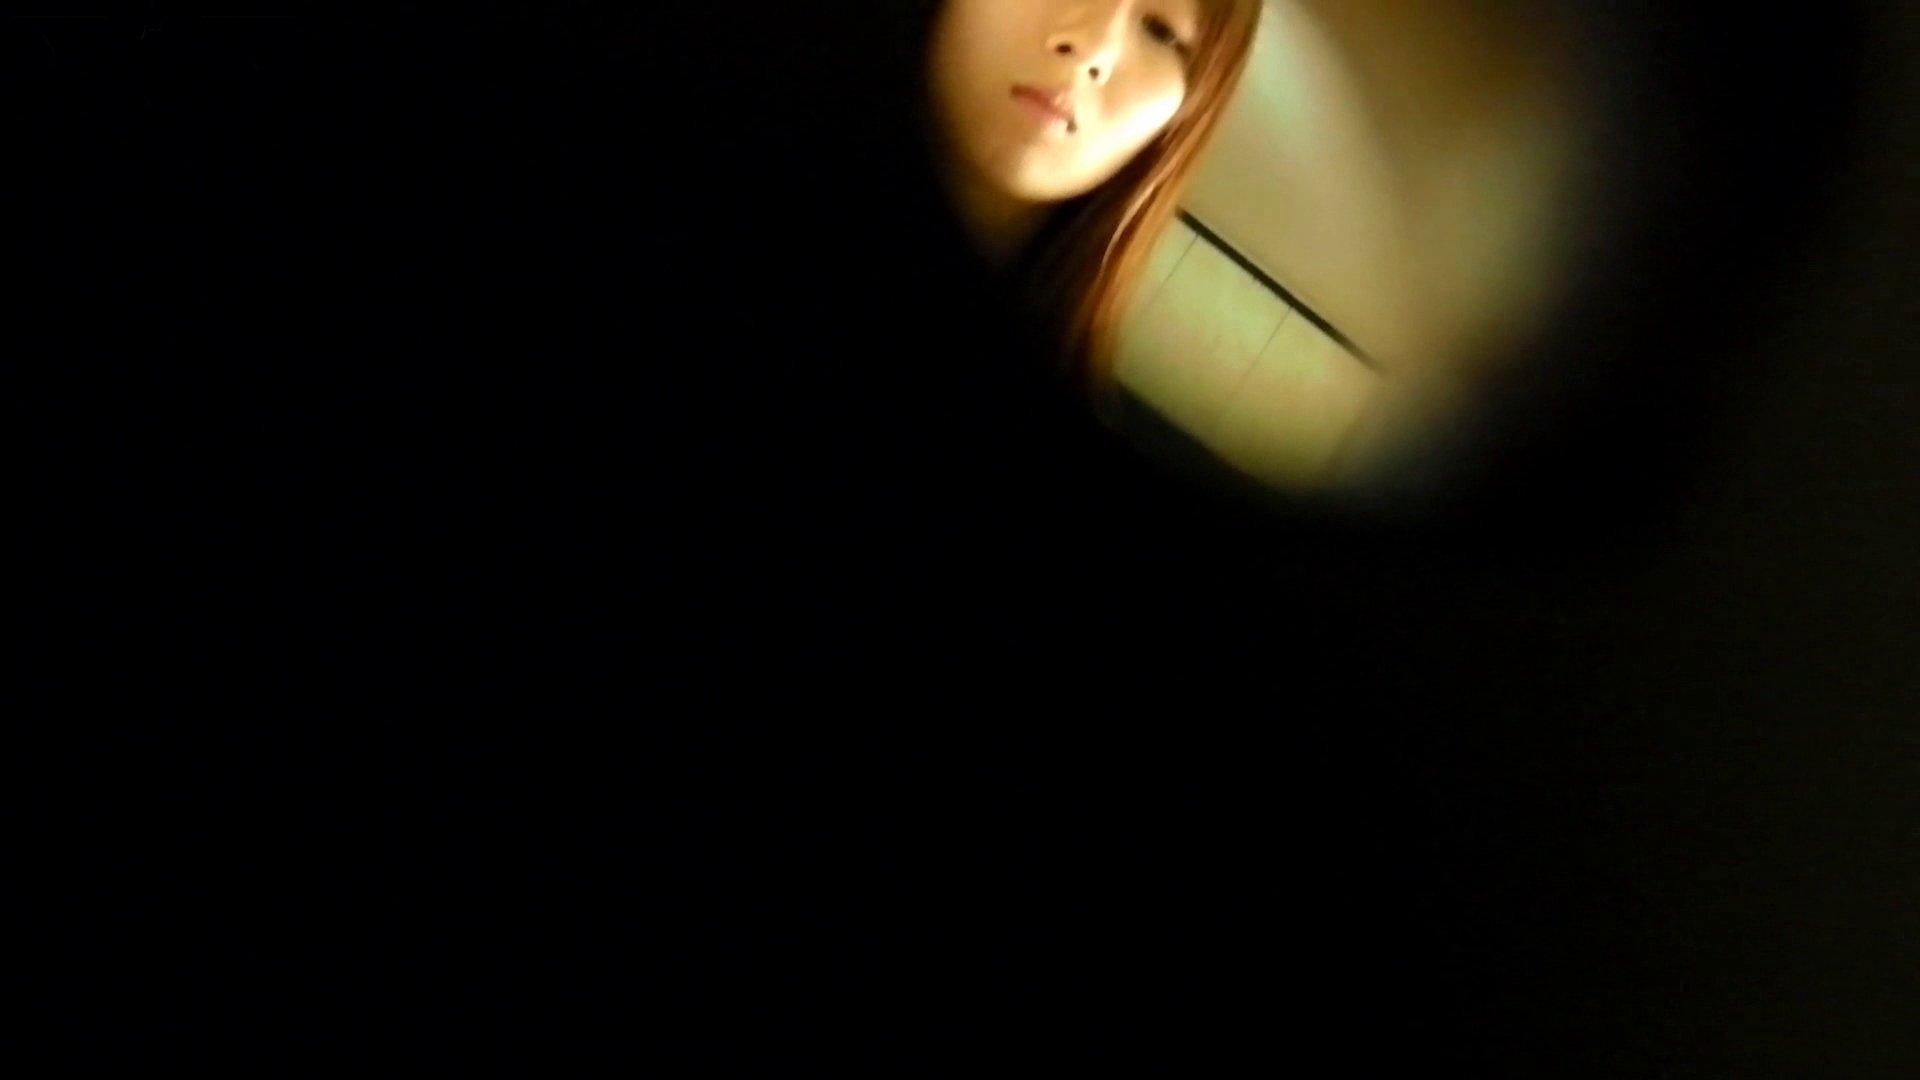 ステーション編 vol.28 無料動画に登場したモデルつい本番登場!! 丸見え  91PIX 58